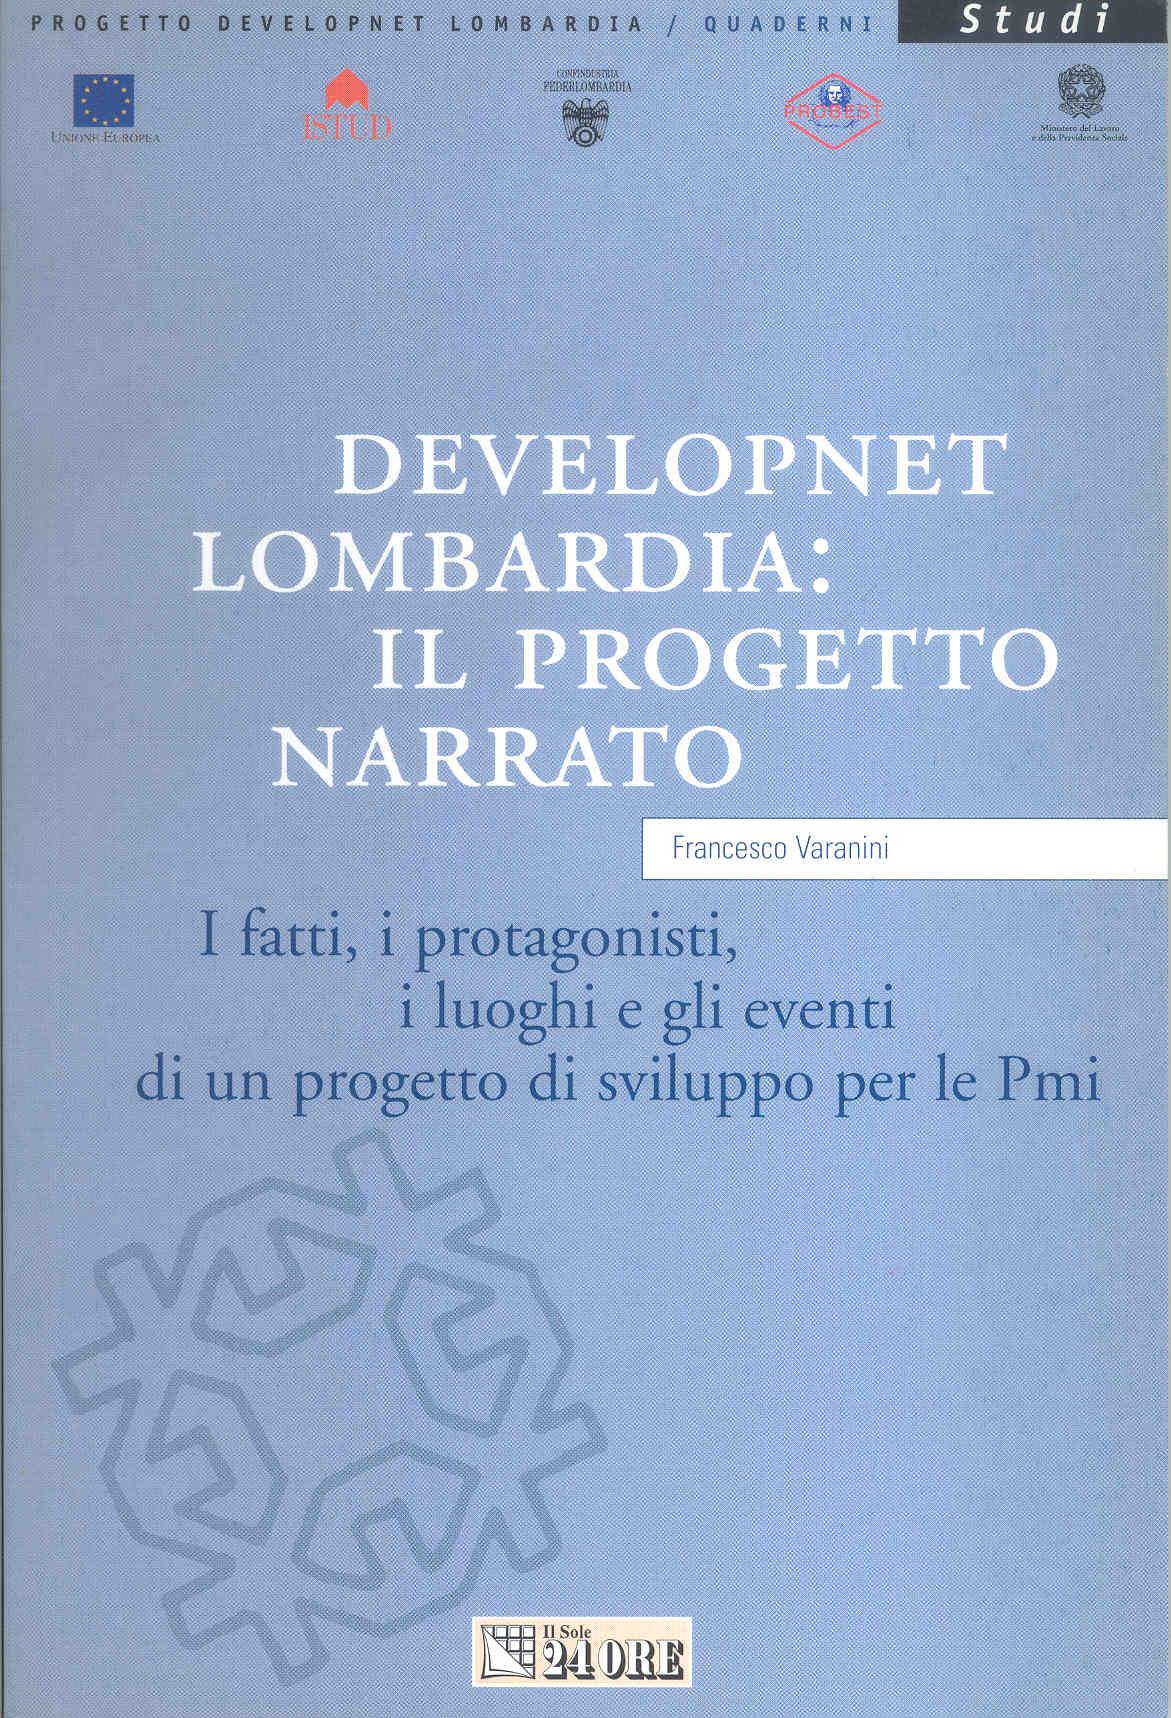 Developnet/Lombardia: il progetto narrato